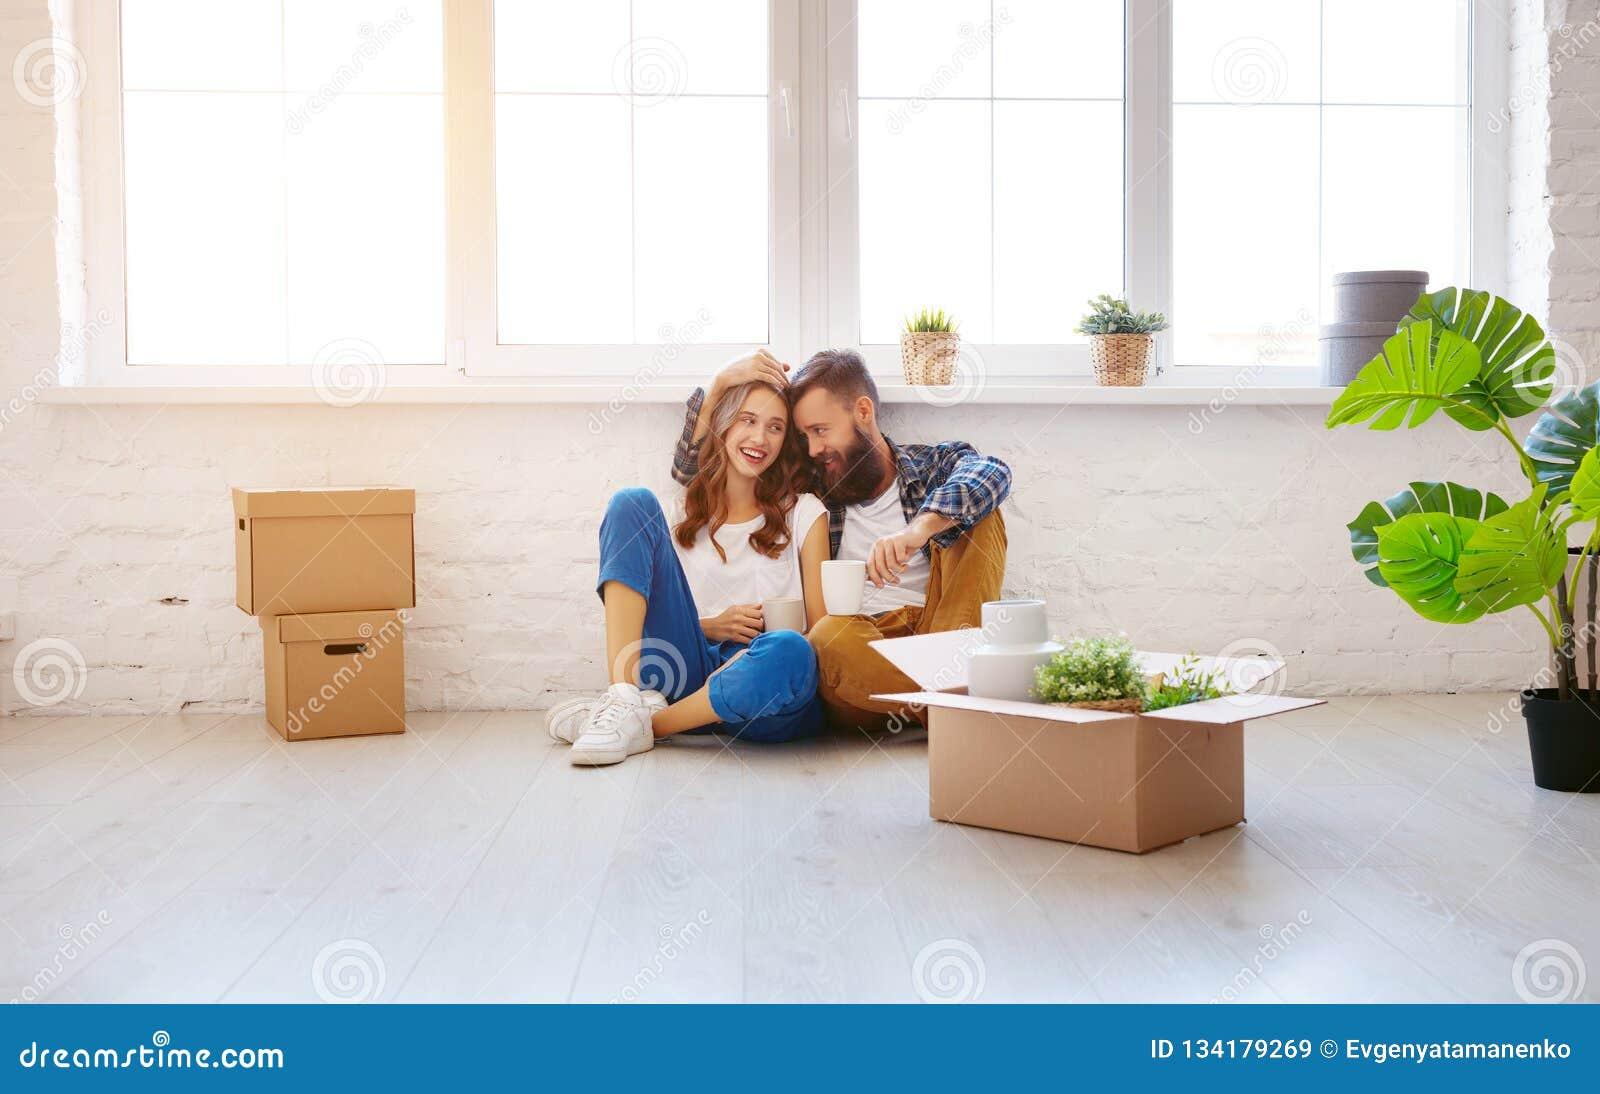 La pareja casada los jóvenes felices se traslada al nuevo apartamento